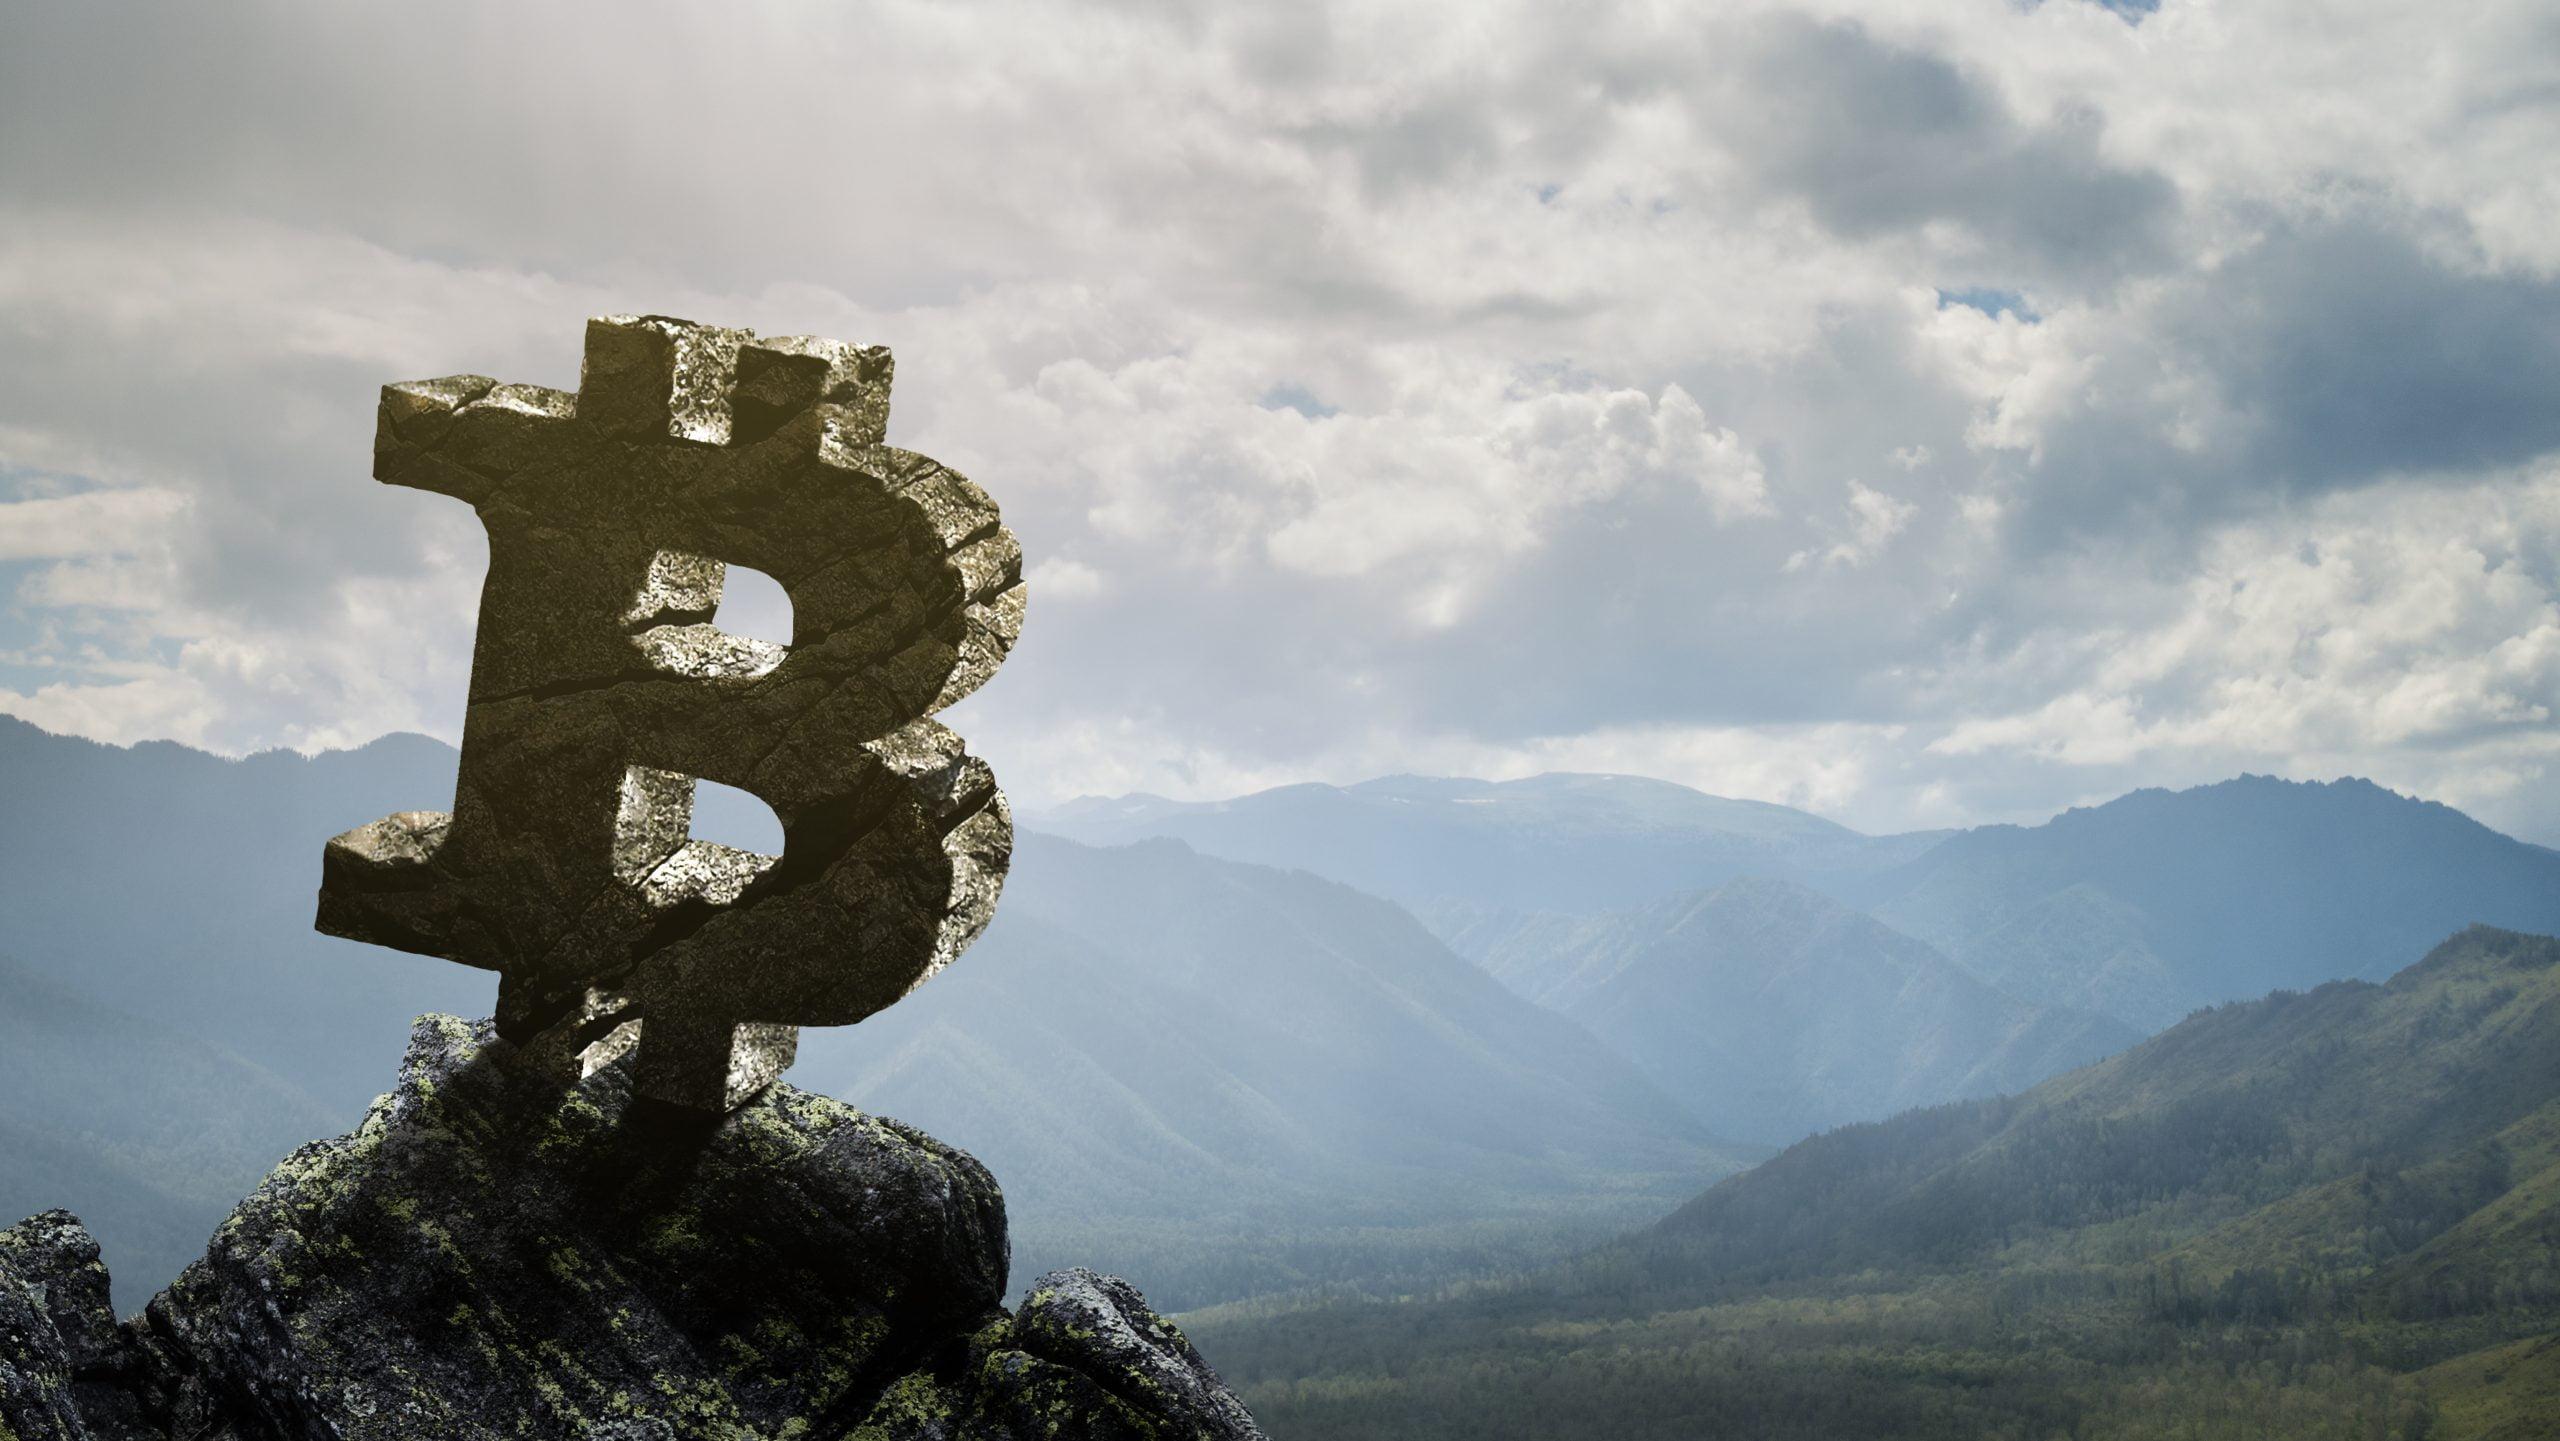 stock to flow modeli bitcoin btc boga piyasasinin ikinci ayaginin yakinda oldugunu gosteriyor